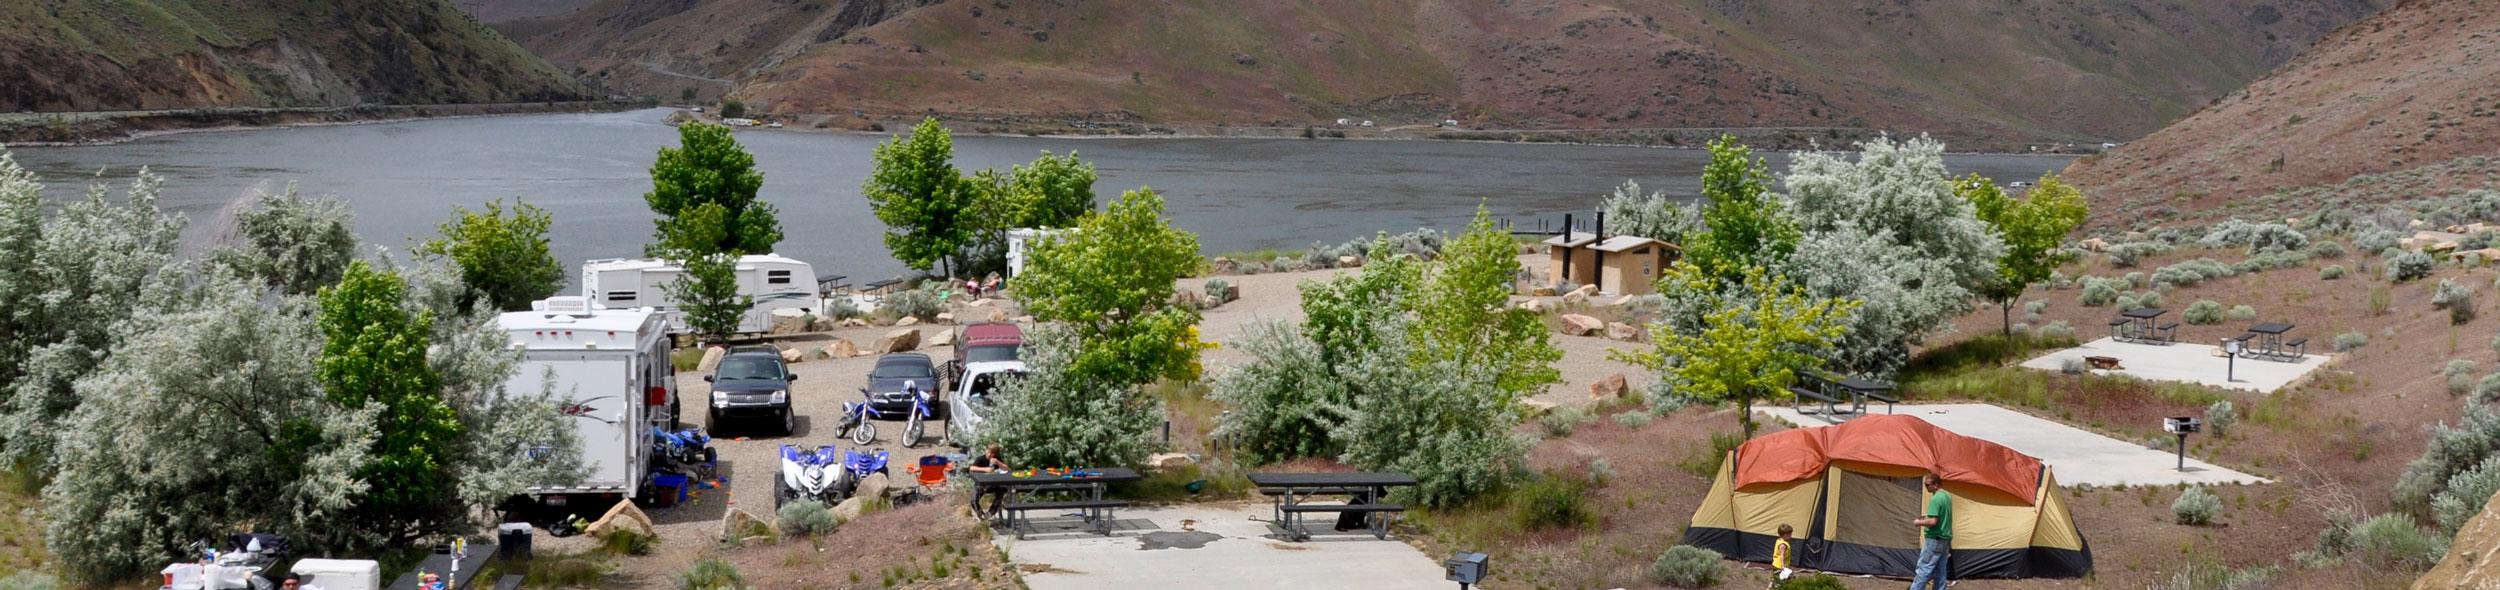 Steck Park Campground - BLM Idaho